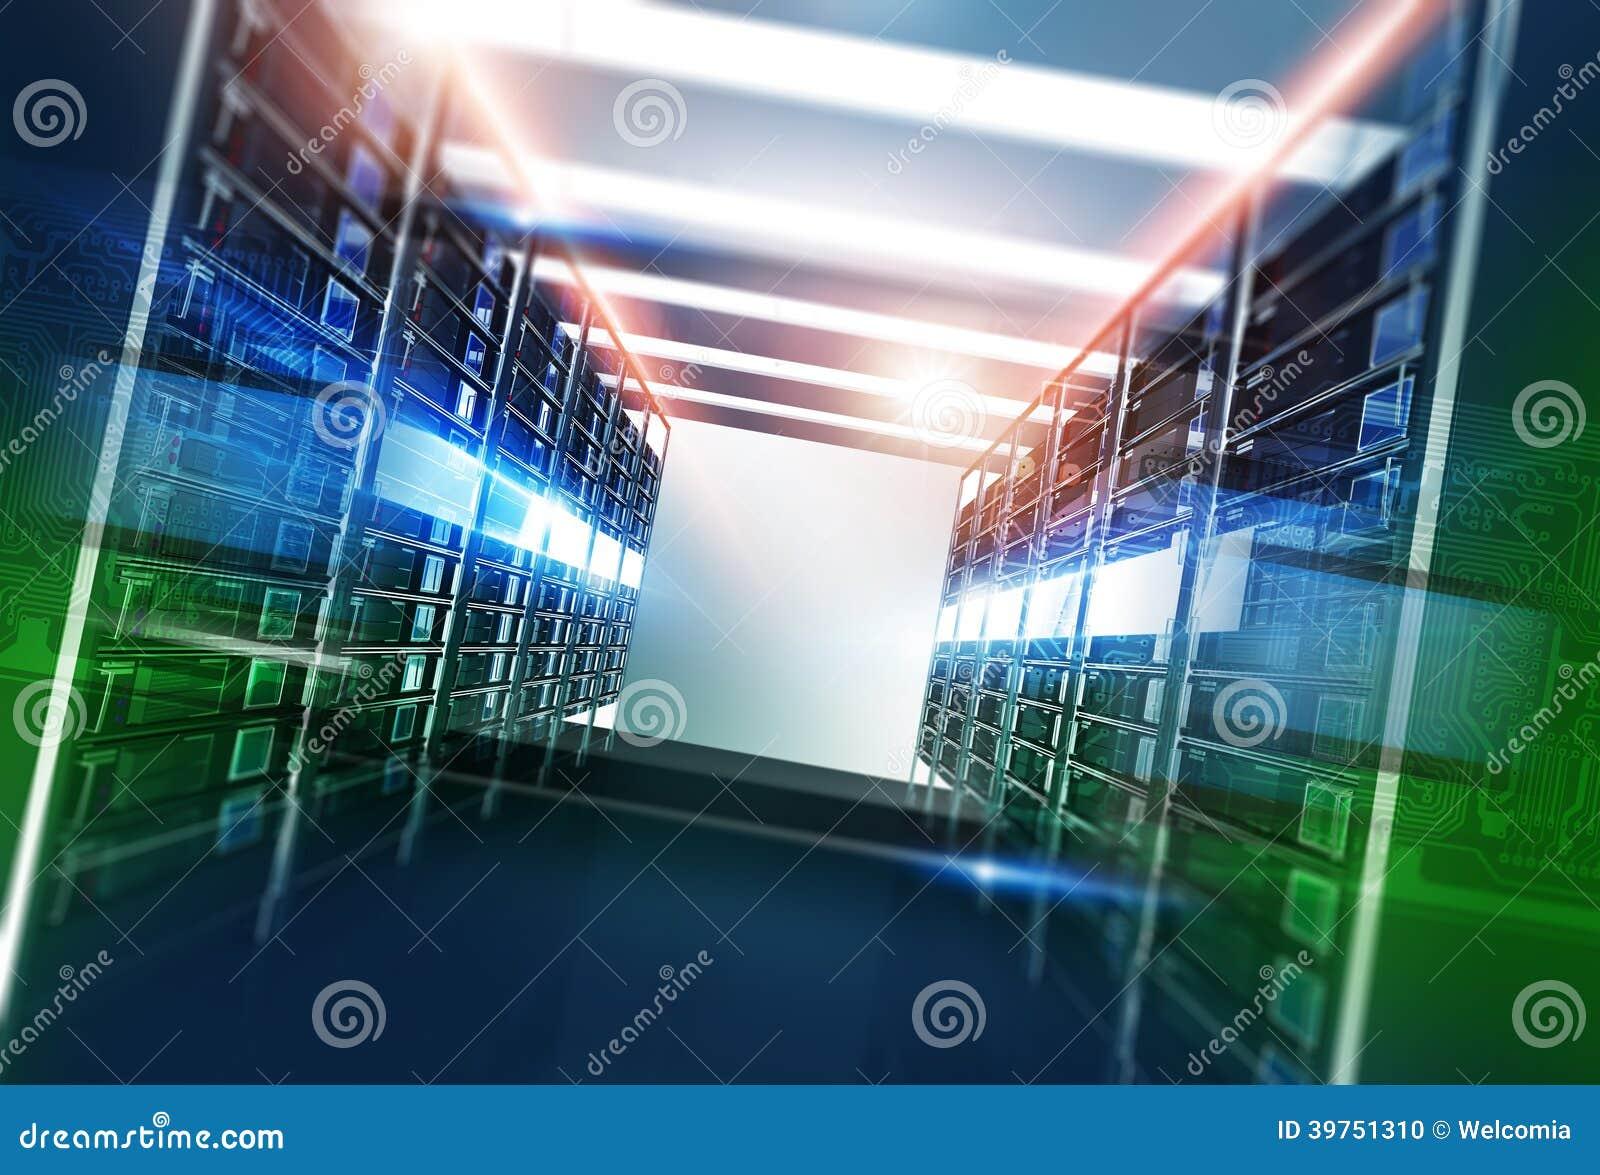 Hosting Servers Room